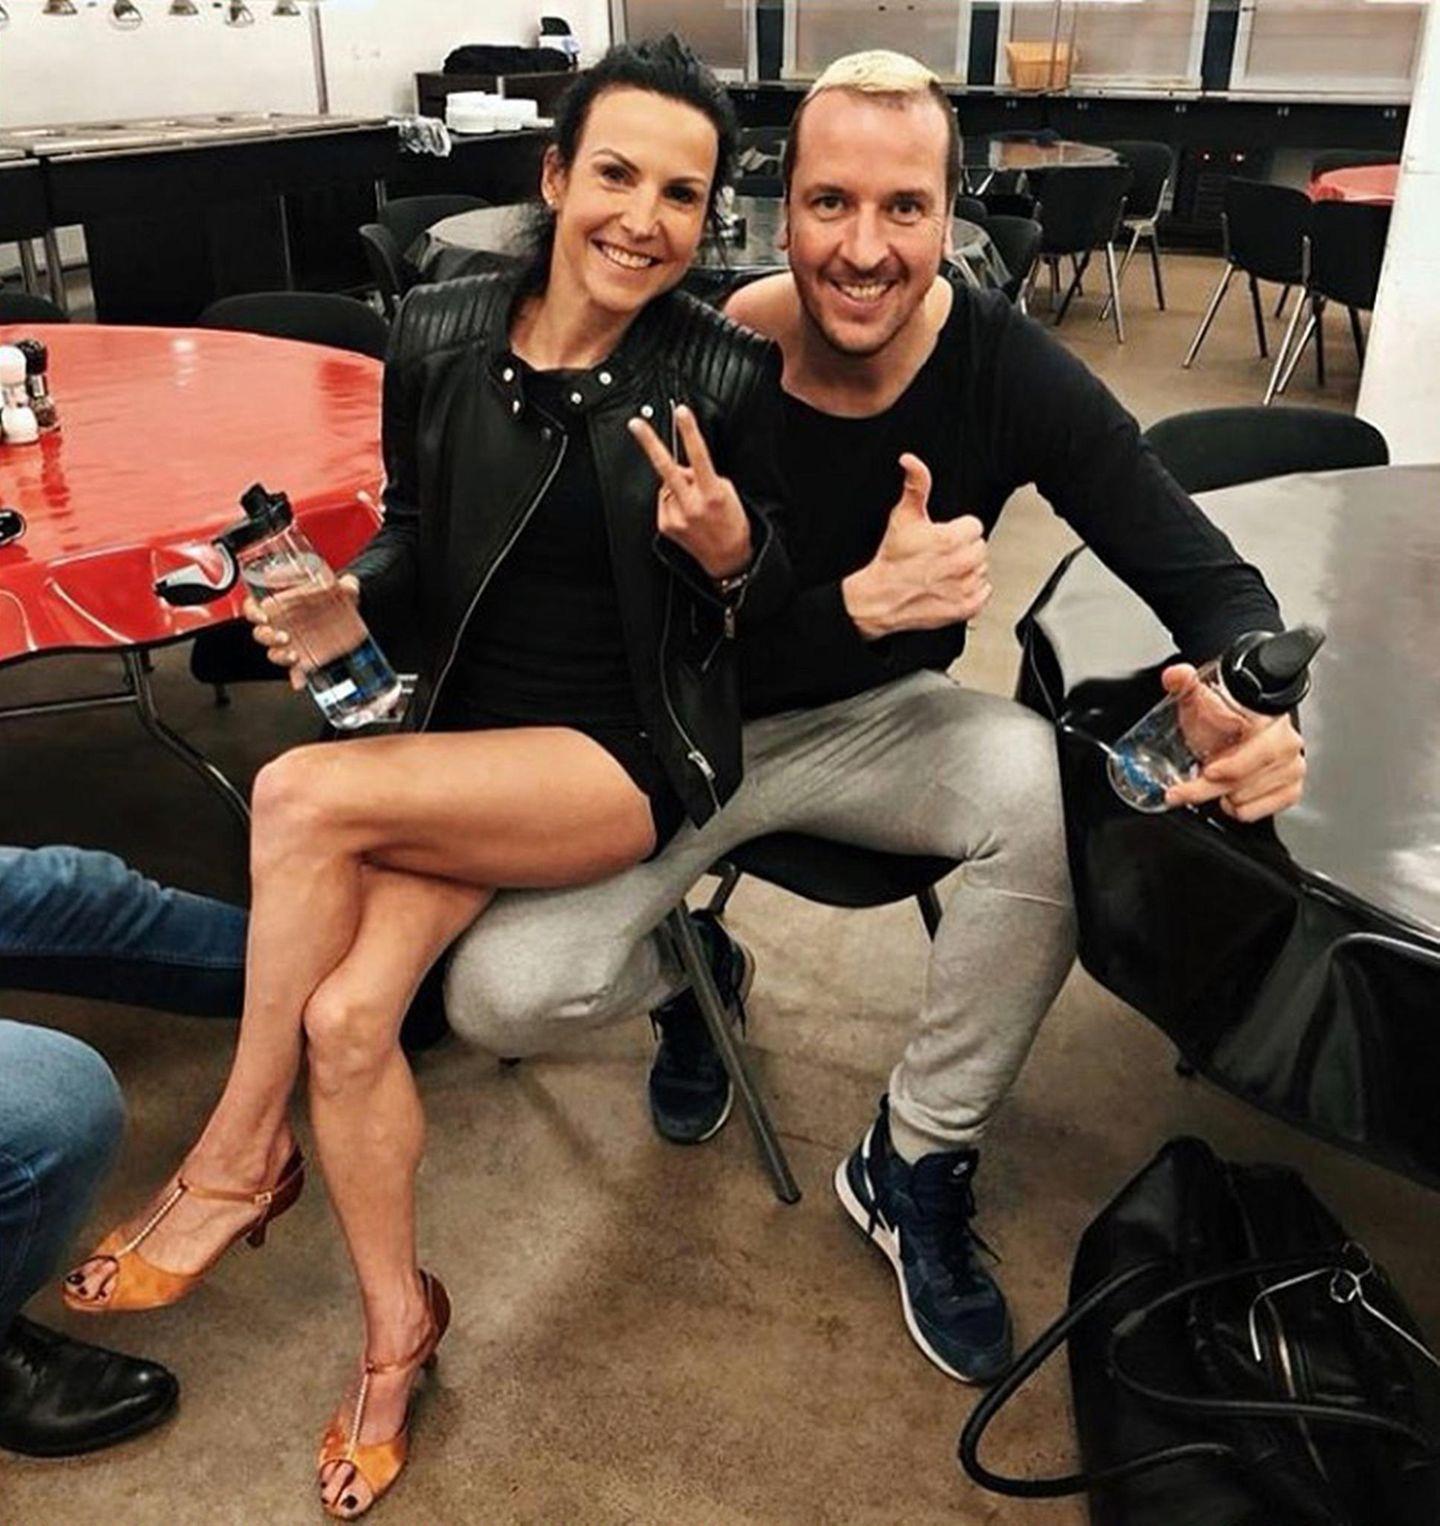 Zwei Spitzensportler freuen sich auf ihre erste Show: Sabrina Mockenhaupt und Pascal Hens